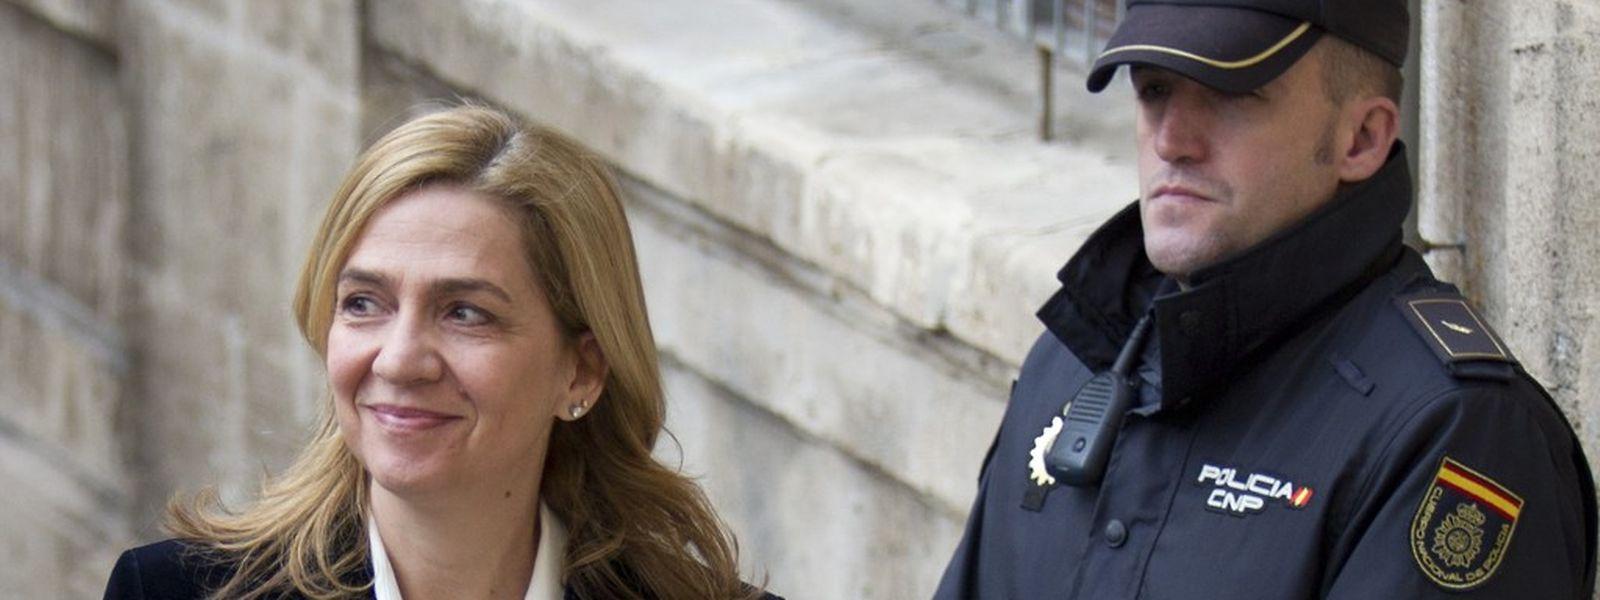 Infantin Cristina ist das erste Mitglied der spanischen Königsfamilie, das sich vor Gericht verantworten muss.